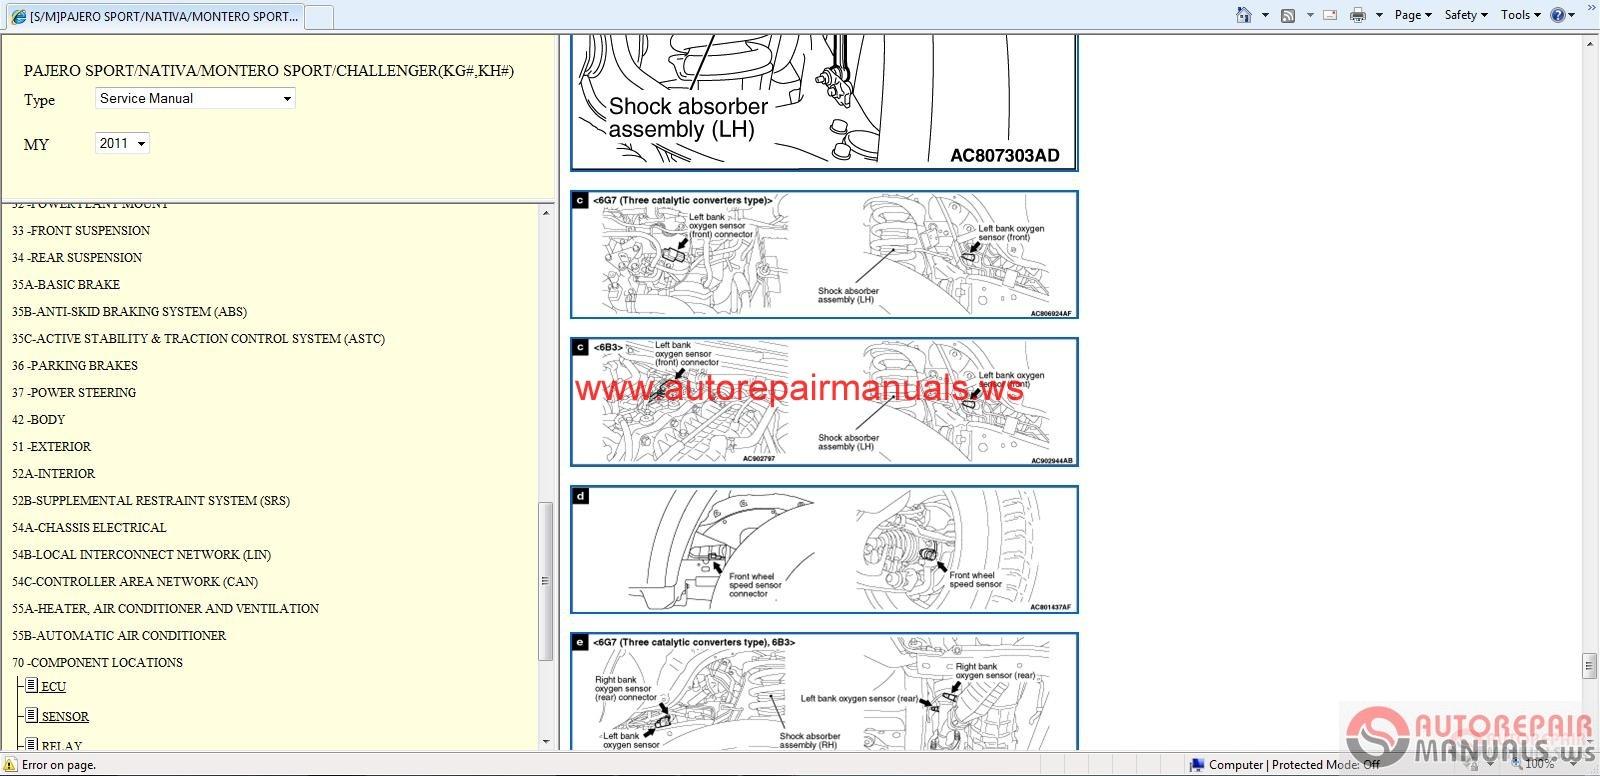 Mitsubishi Pajero Sport 2011 Service Manual Auto Repair